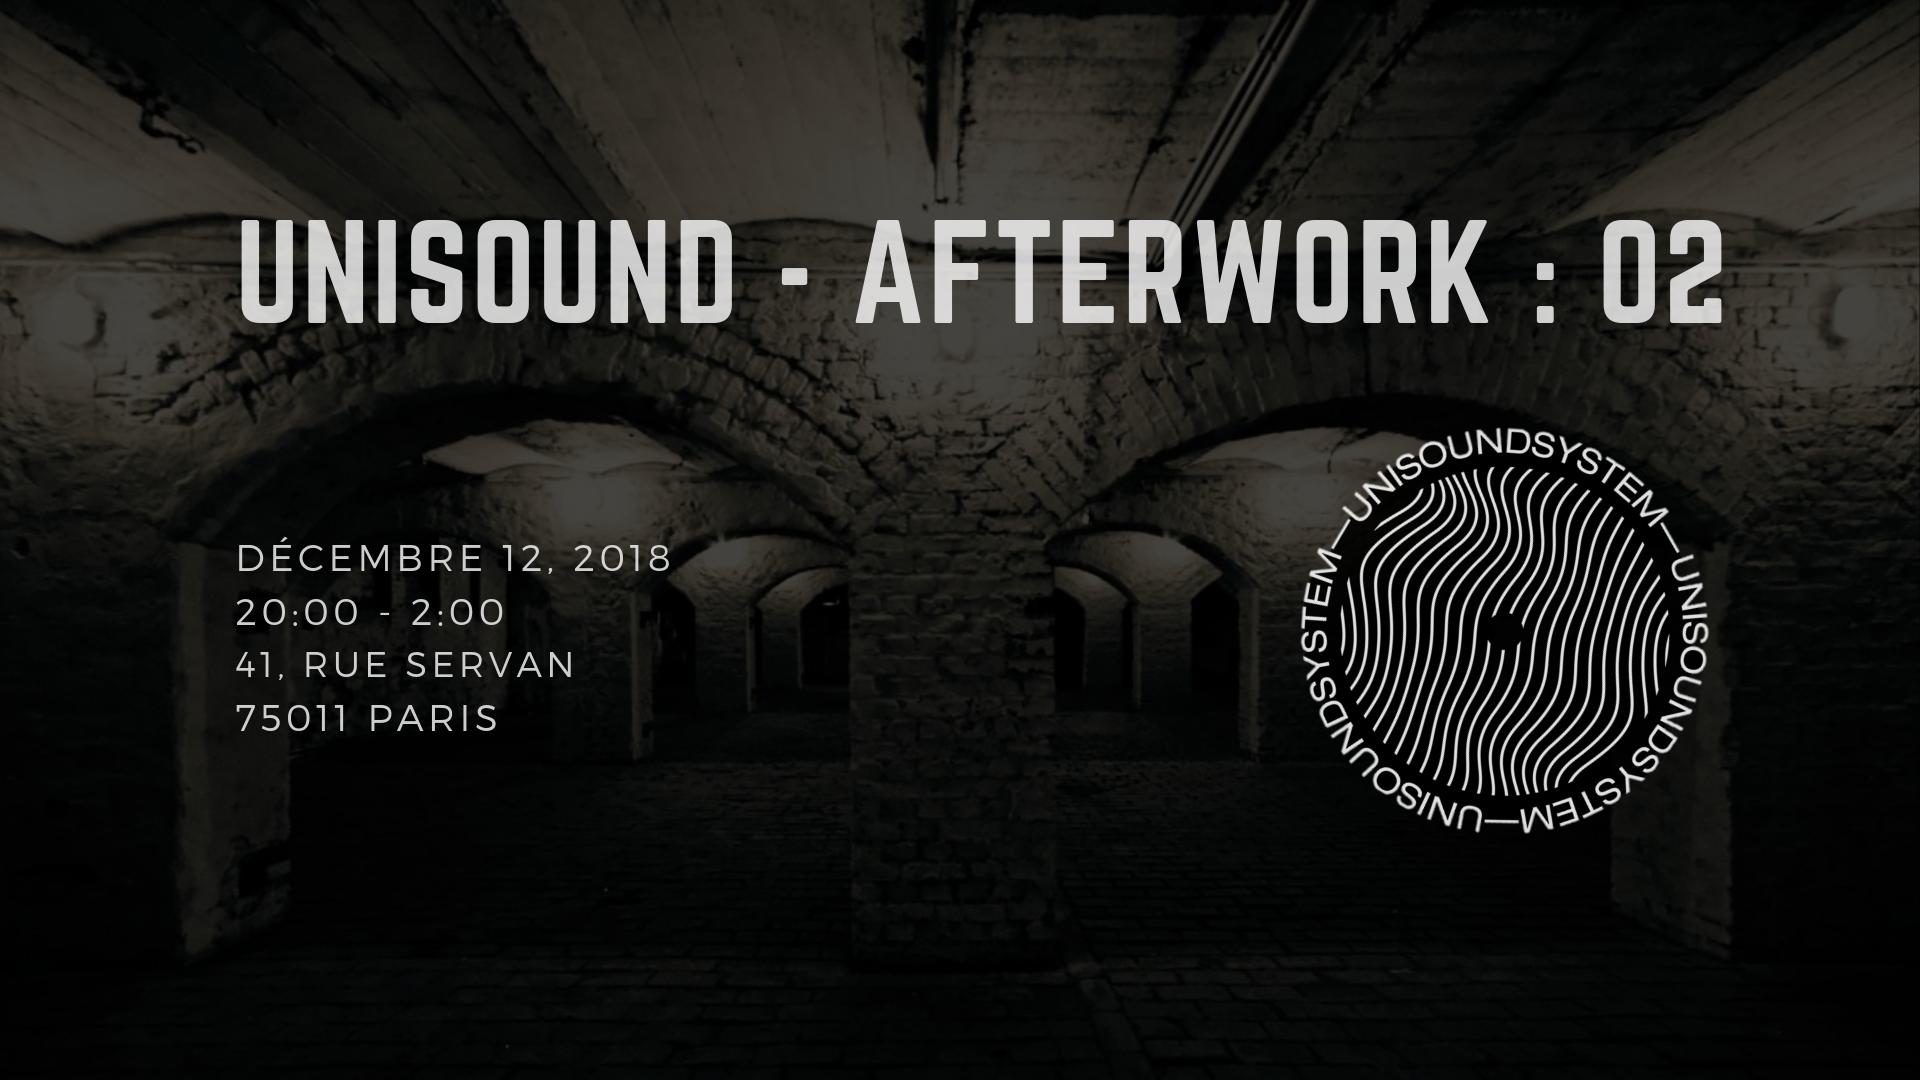 UNISOUND : Afterwork 02